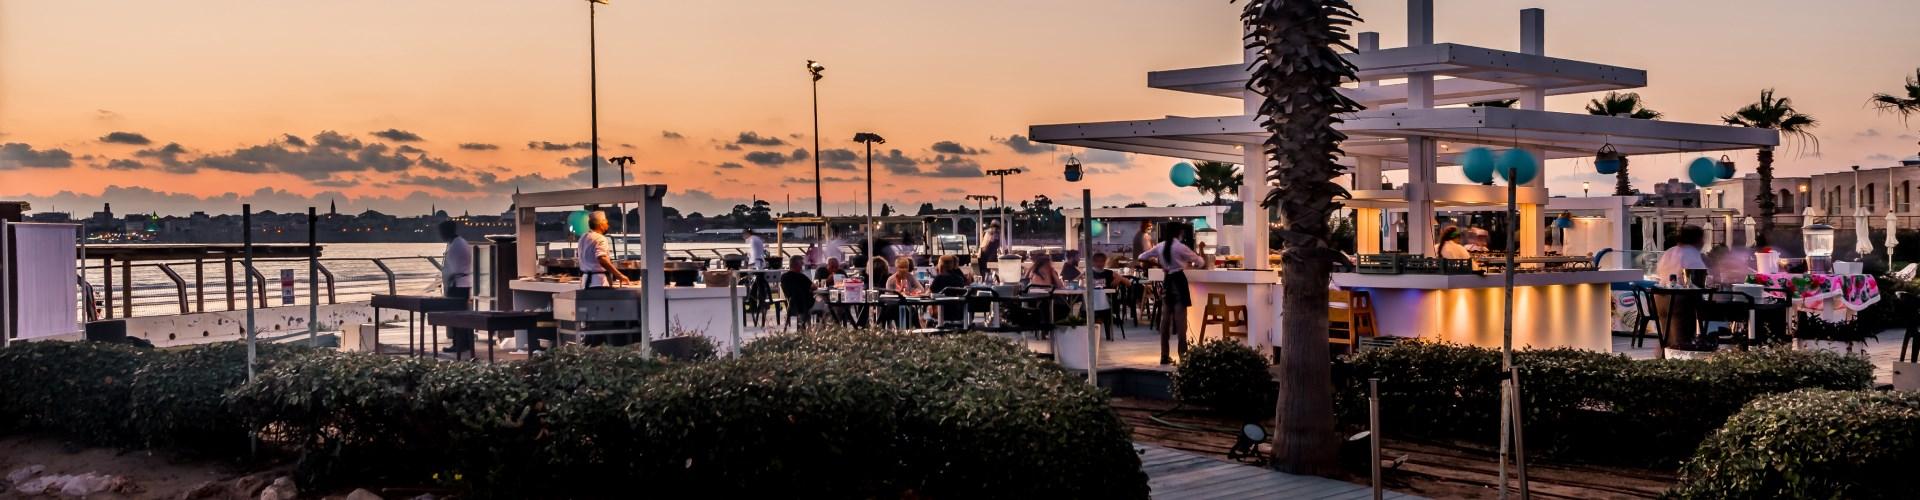 כנסים ואולמות אירועים בעכו - מלון חוף התמרים